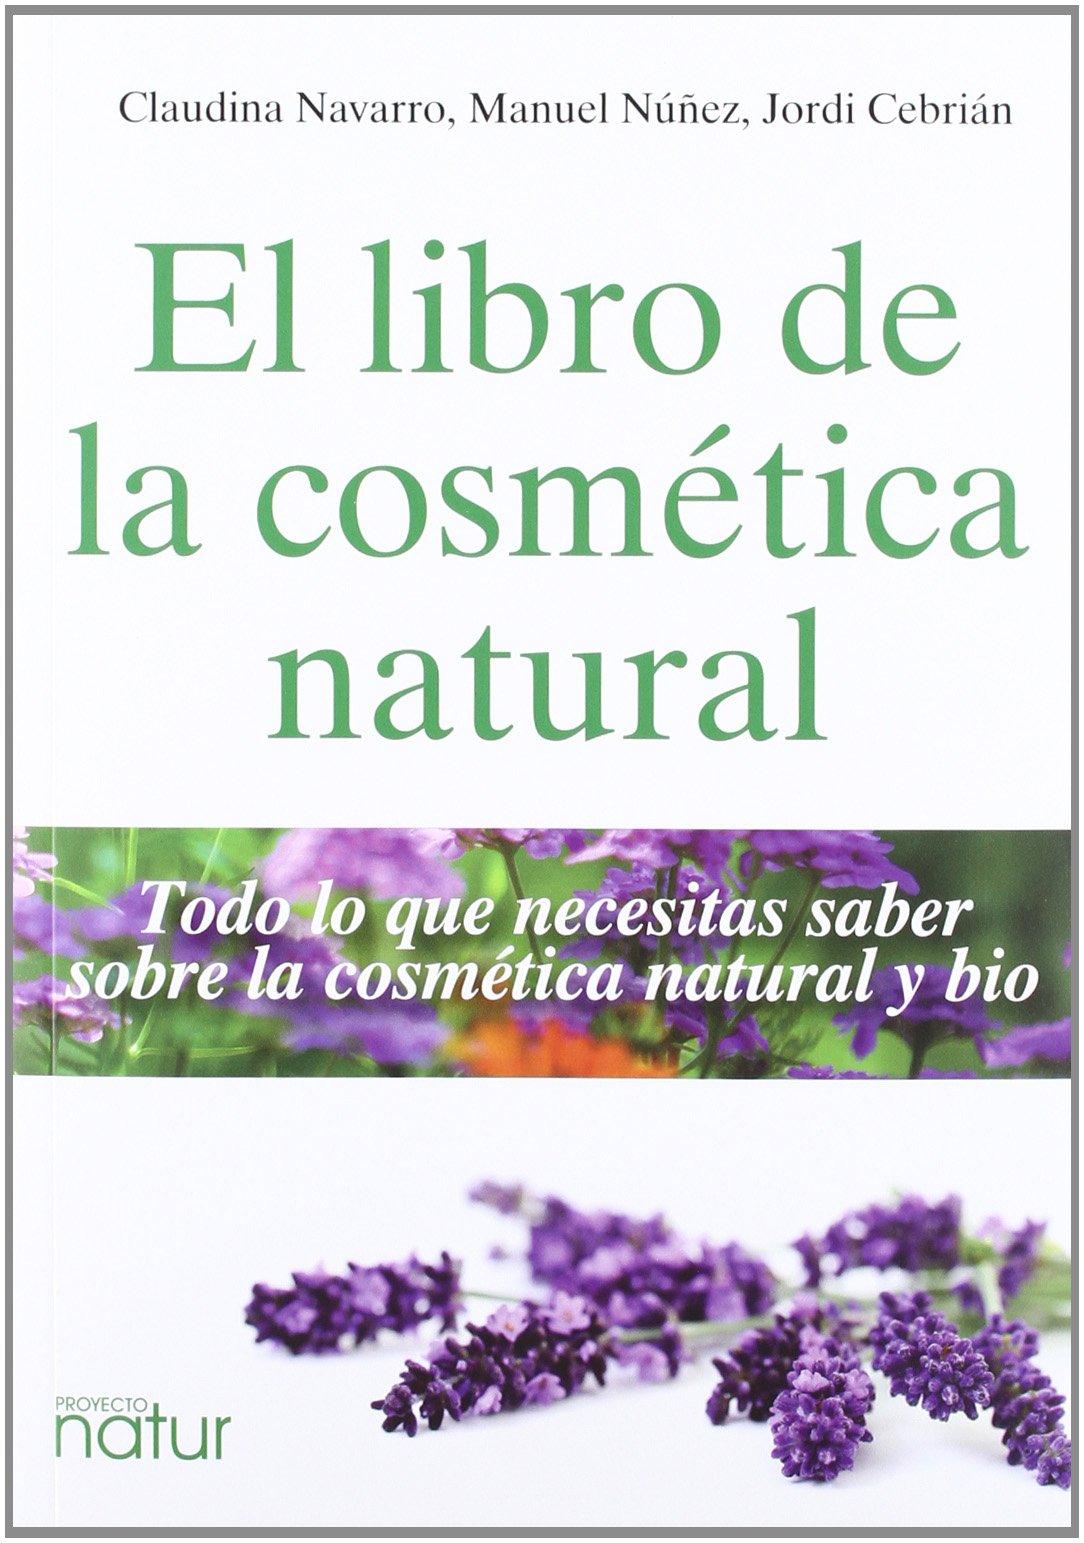 Libro De La Cosmética Natural,El: Todo lo